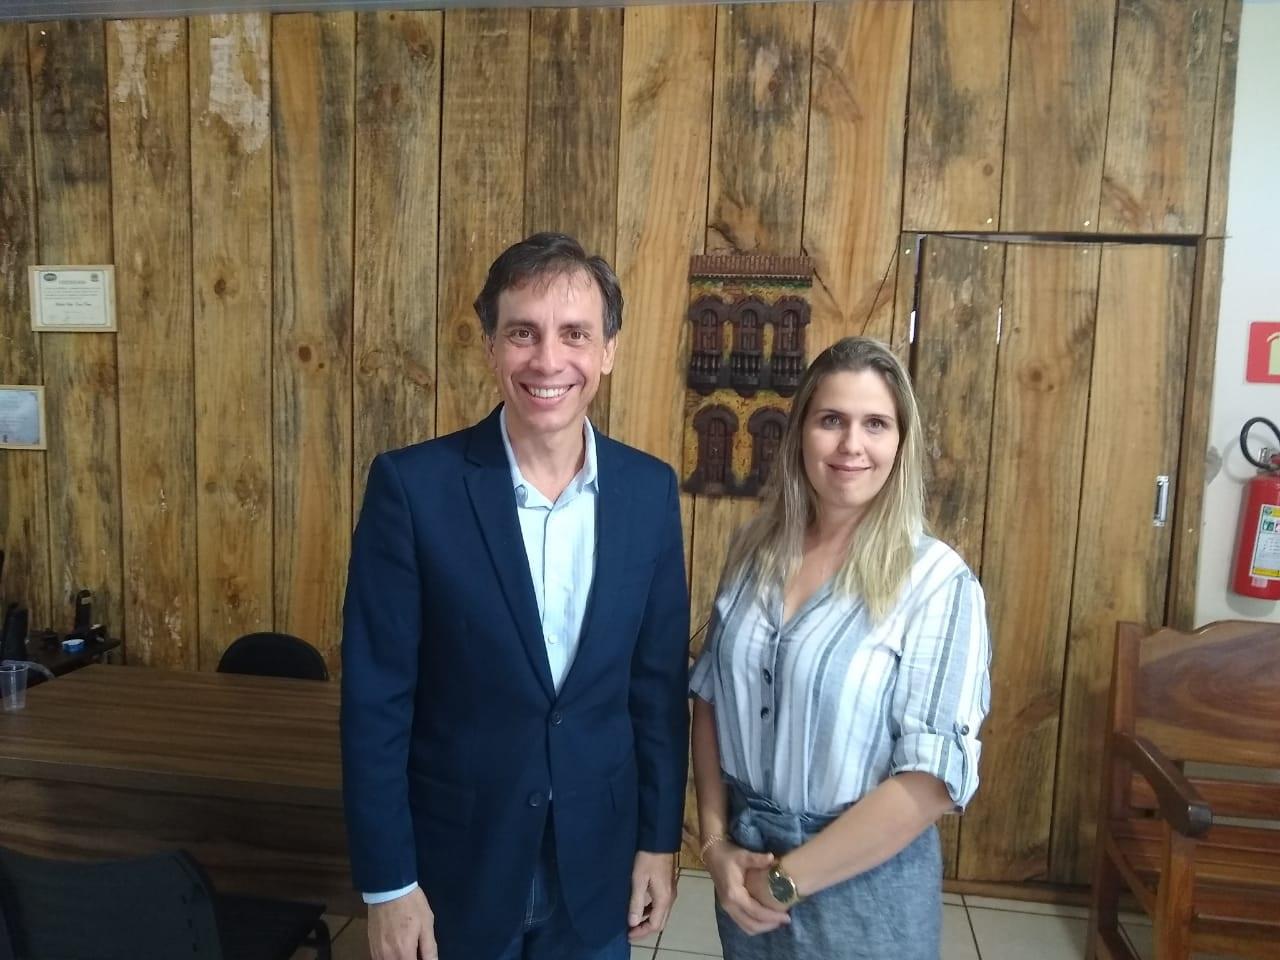 Presidente visita o Sudoeste Goiano | CRECI-GO/ Conselho Regional de Corretores de Imóveis de Goiás